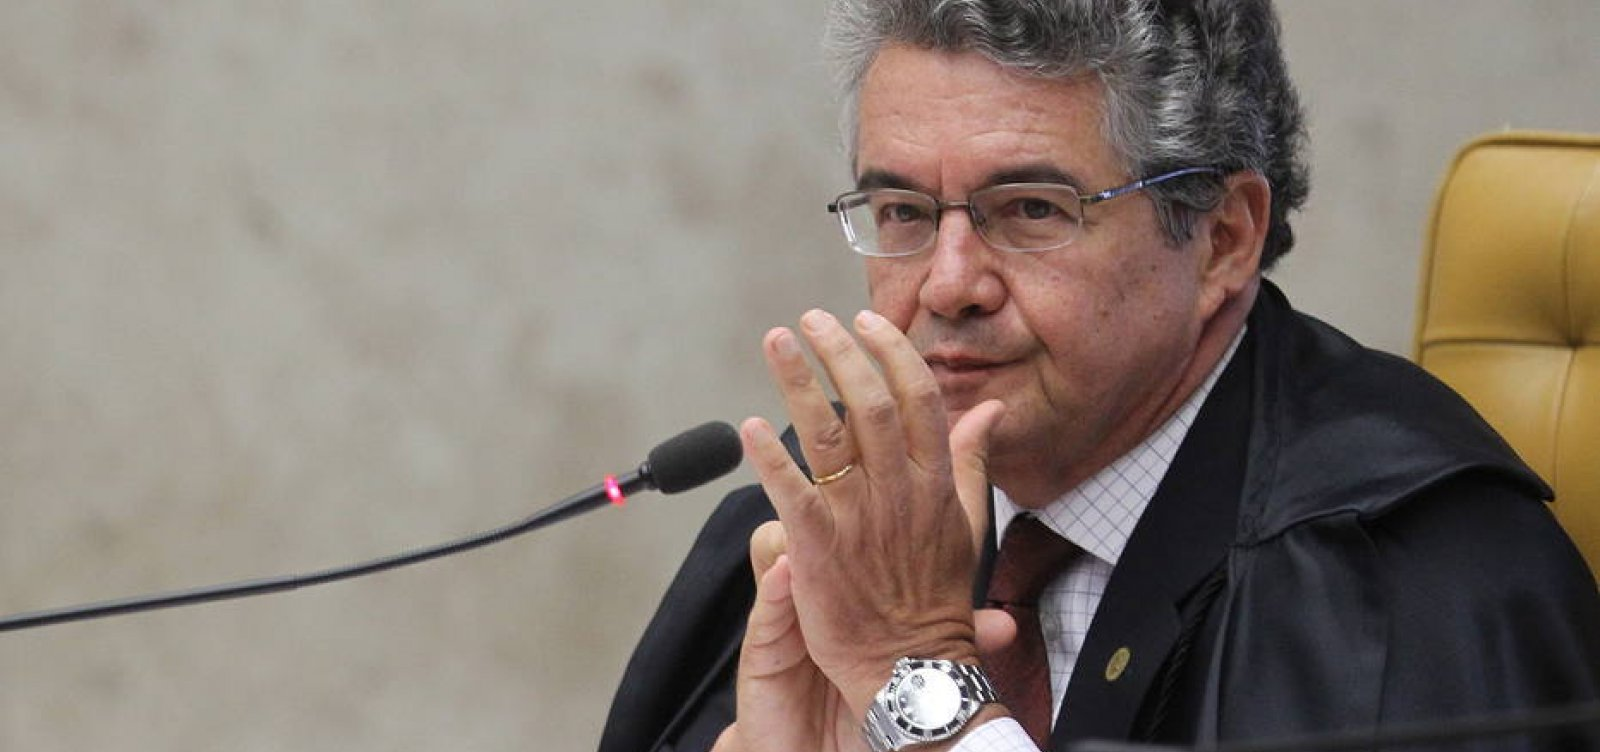 Em Portugal, ministro do STF diz que prisão de Lula é 'ilegal e viola a Constituição'